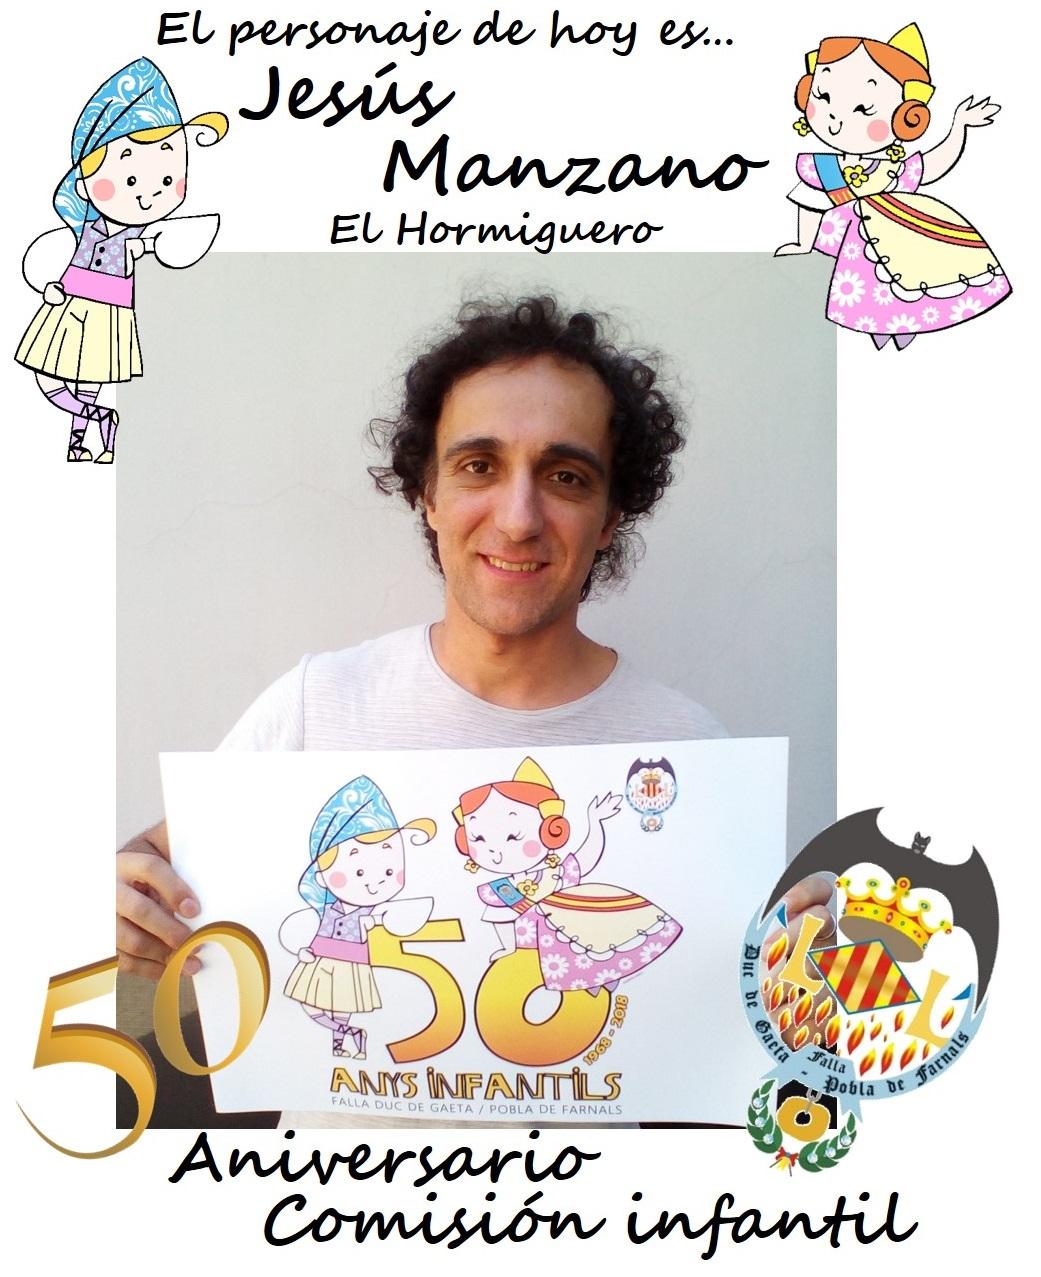 Personaje del día: Jesús Manzano